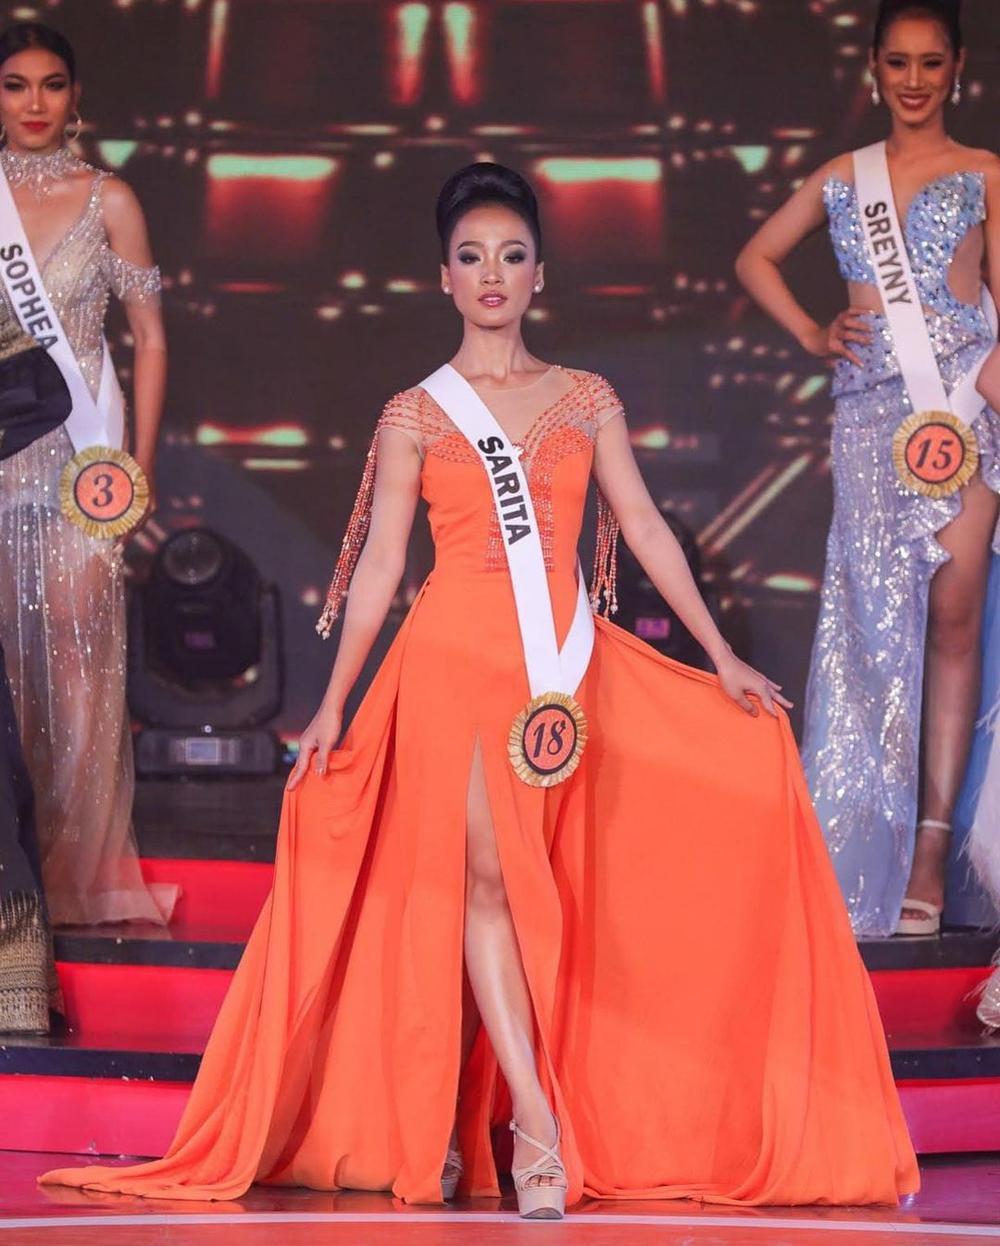 Những đối thủ 'nấm lùn' của Khánh Vân ở Miss Univse, chuyện thật như đùa với 1m57 Ảnh 5